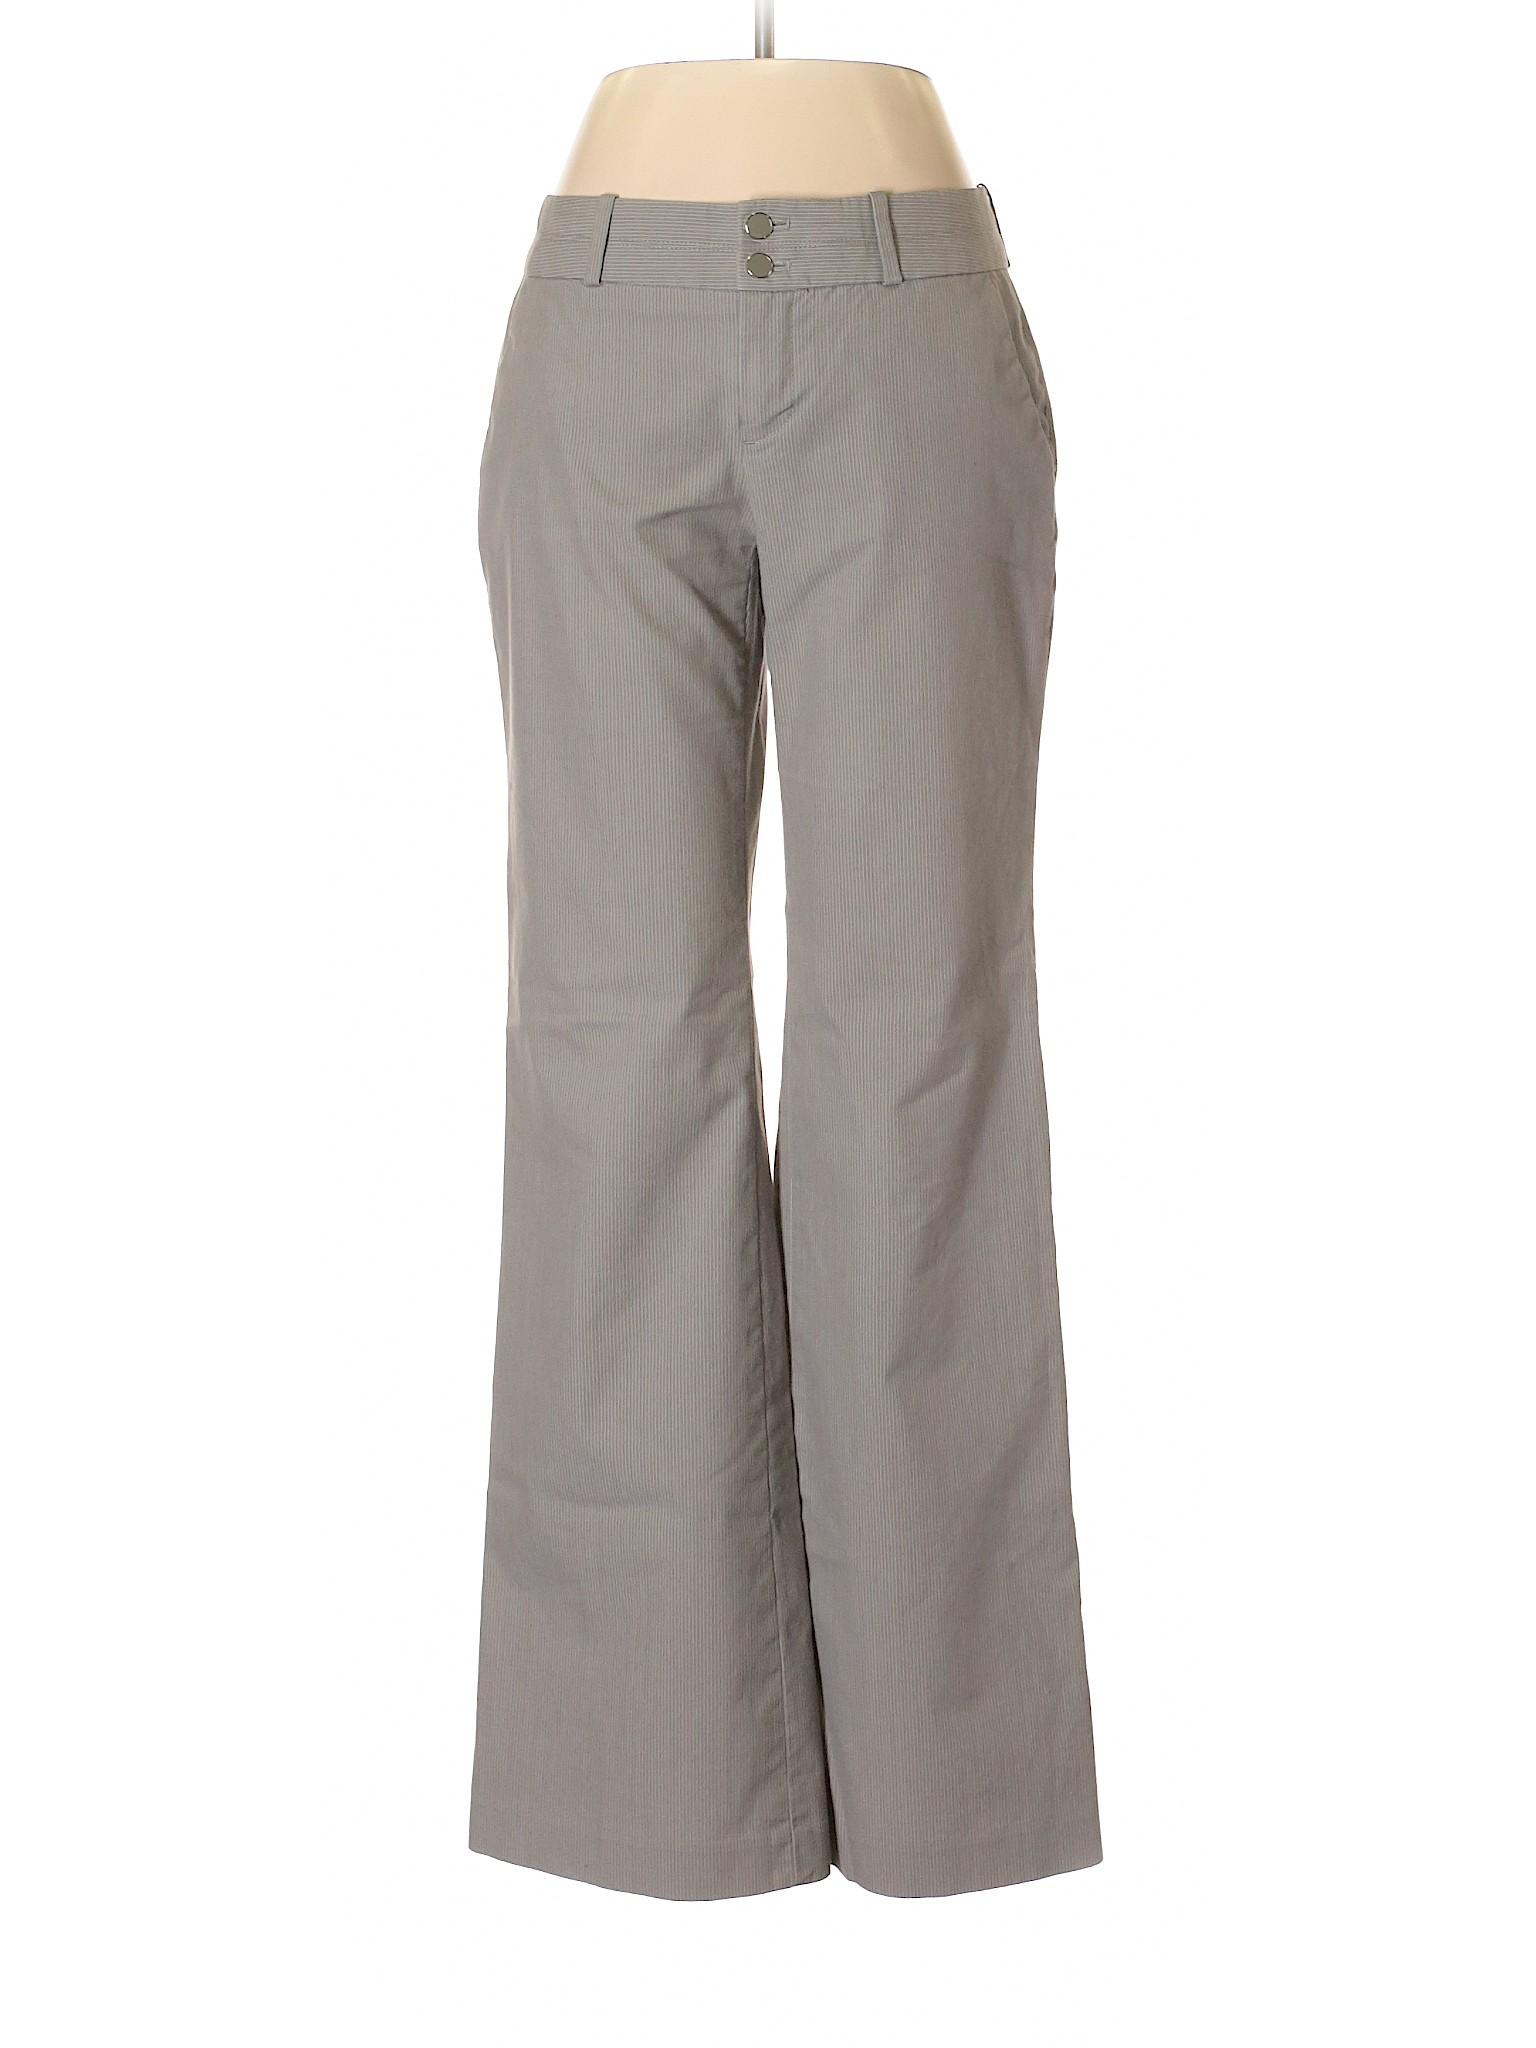 Pants leisure Klein Calvin Boutique Dress X8Op7OZ